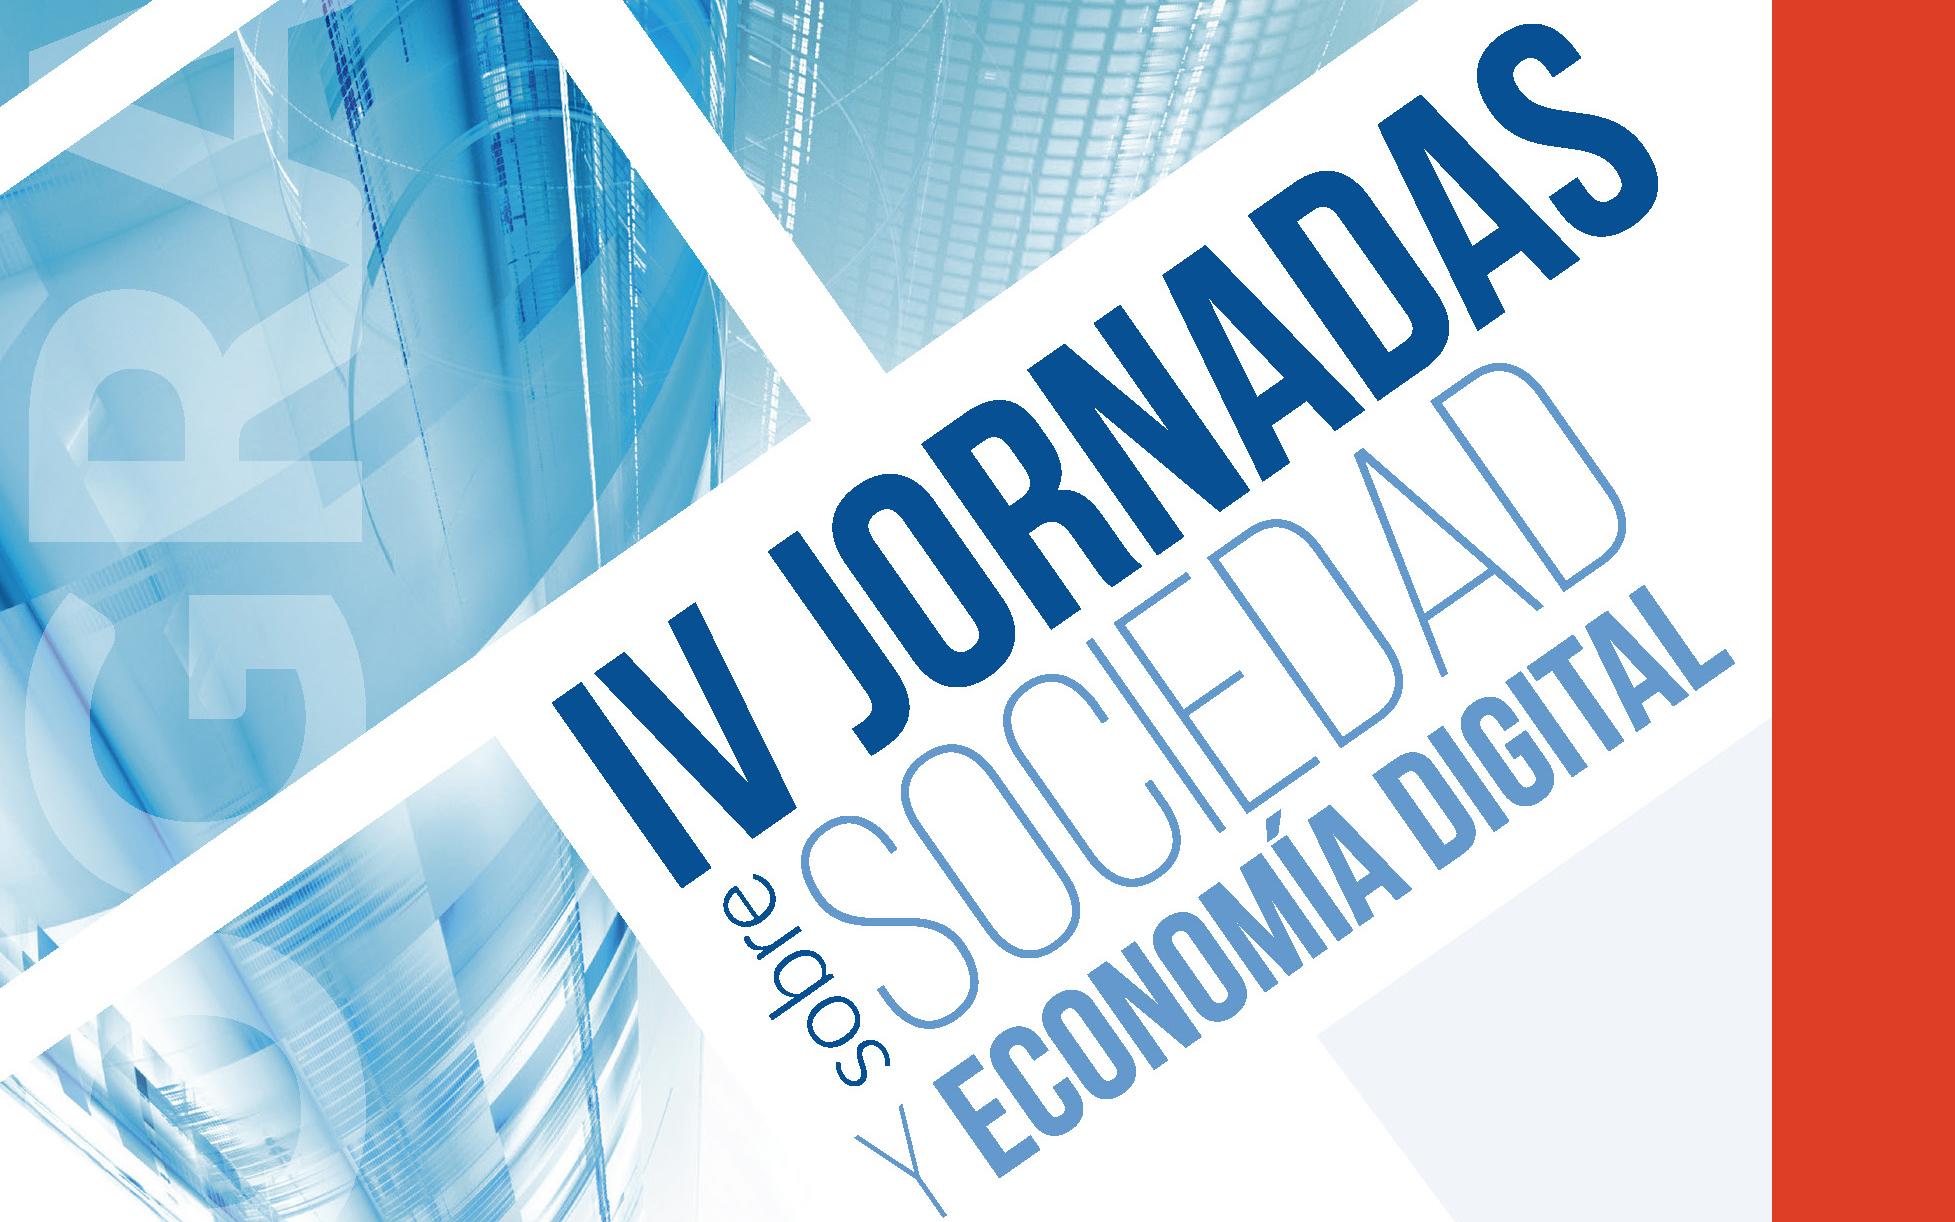 IV Jornadas sobre Sociedad y Economía Digital 2016